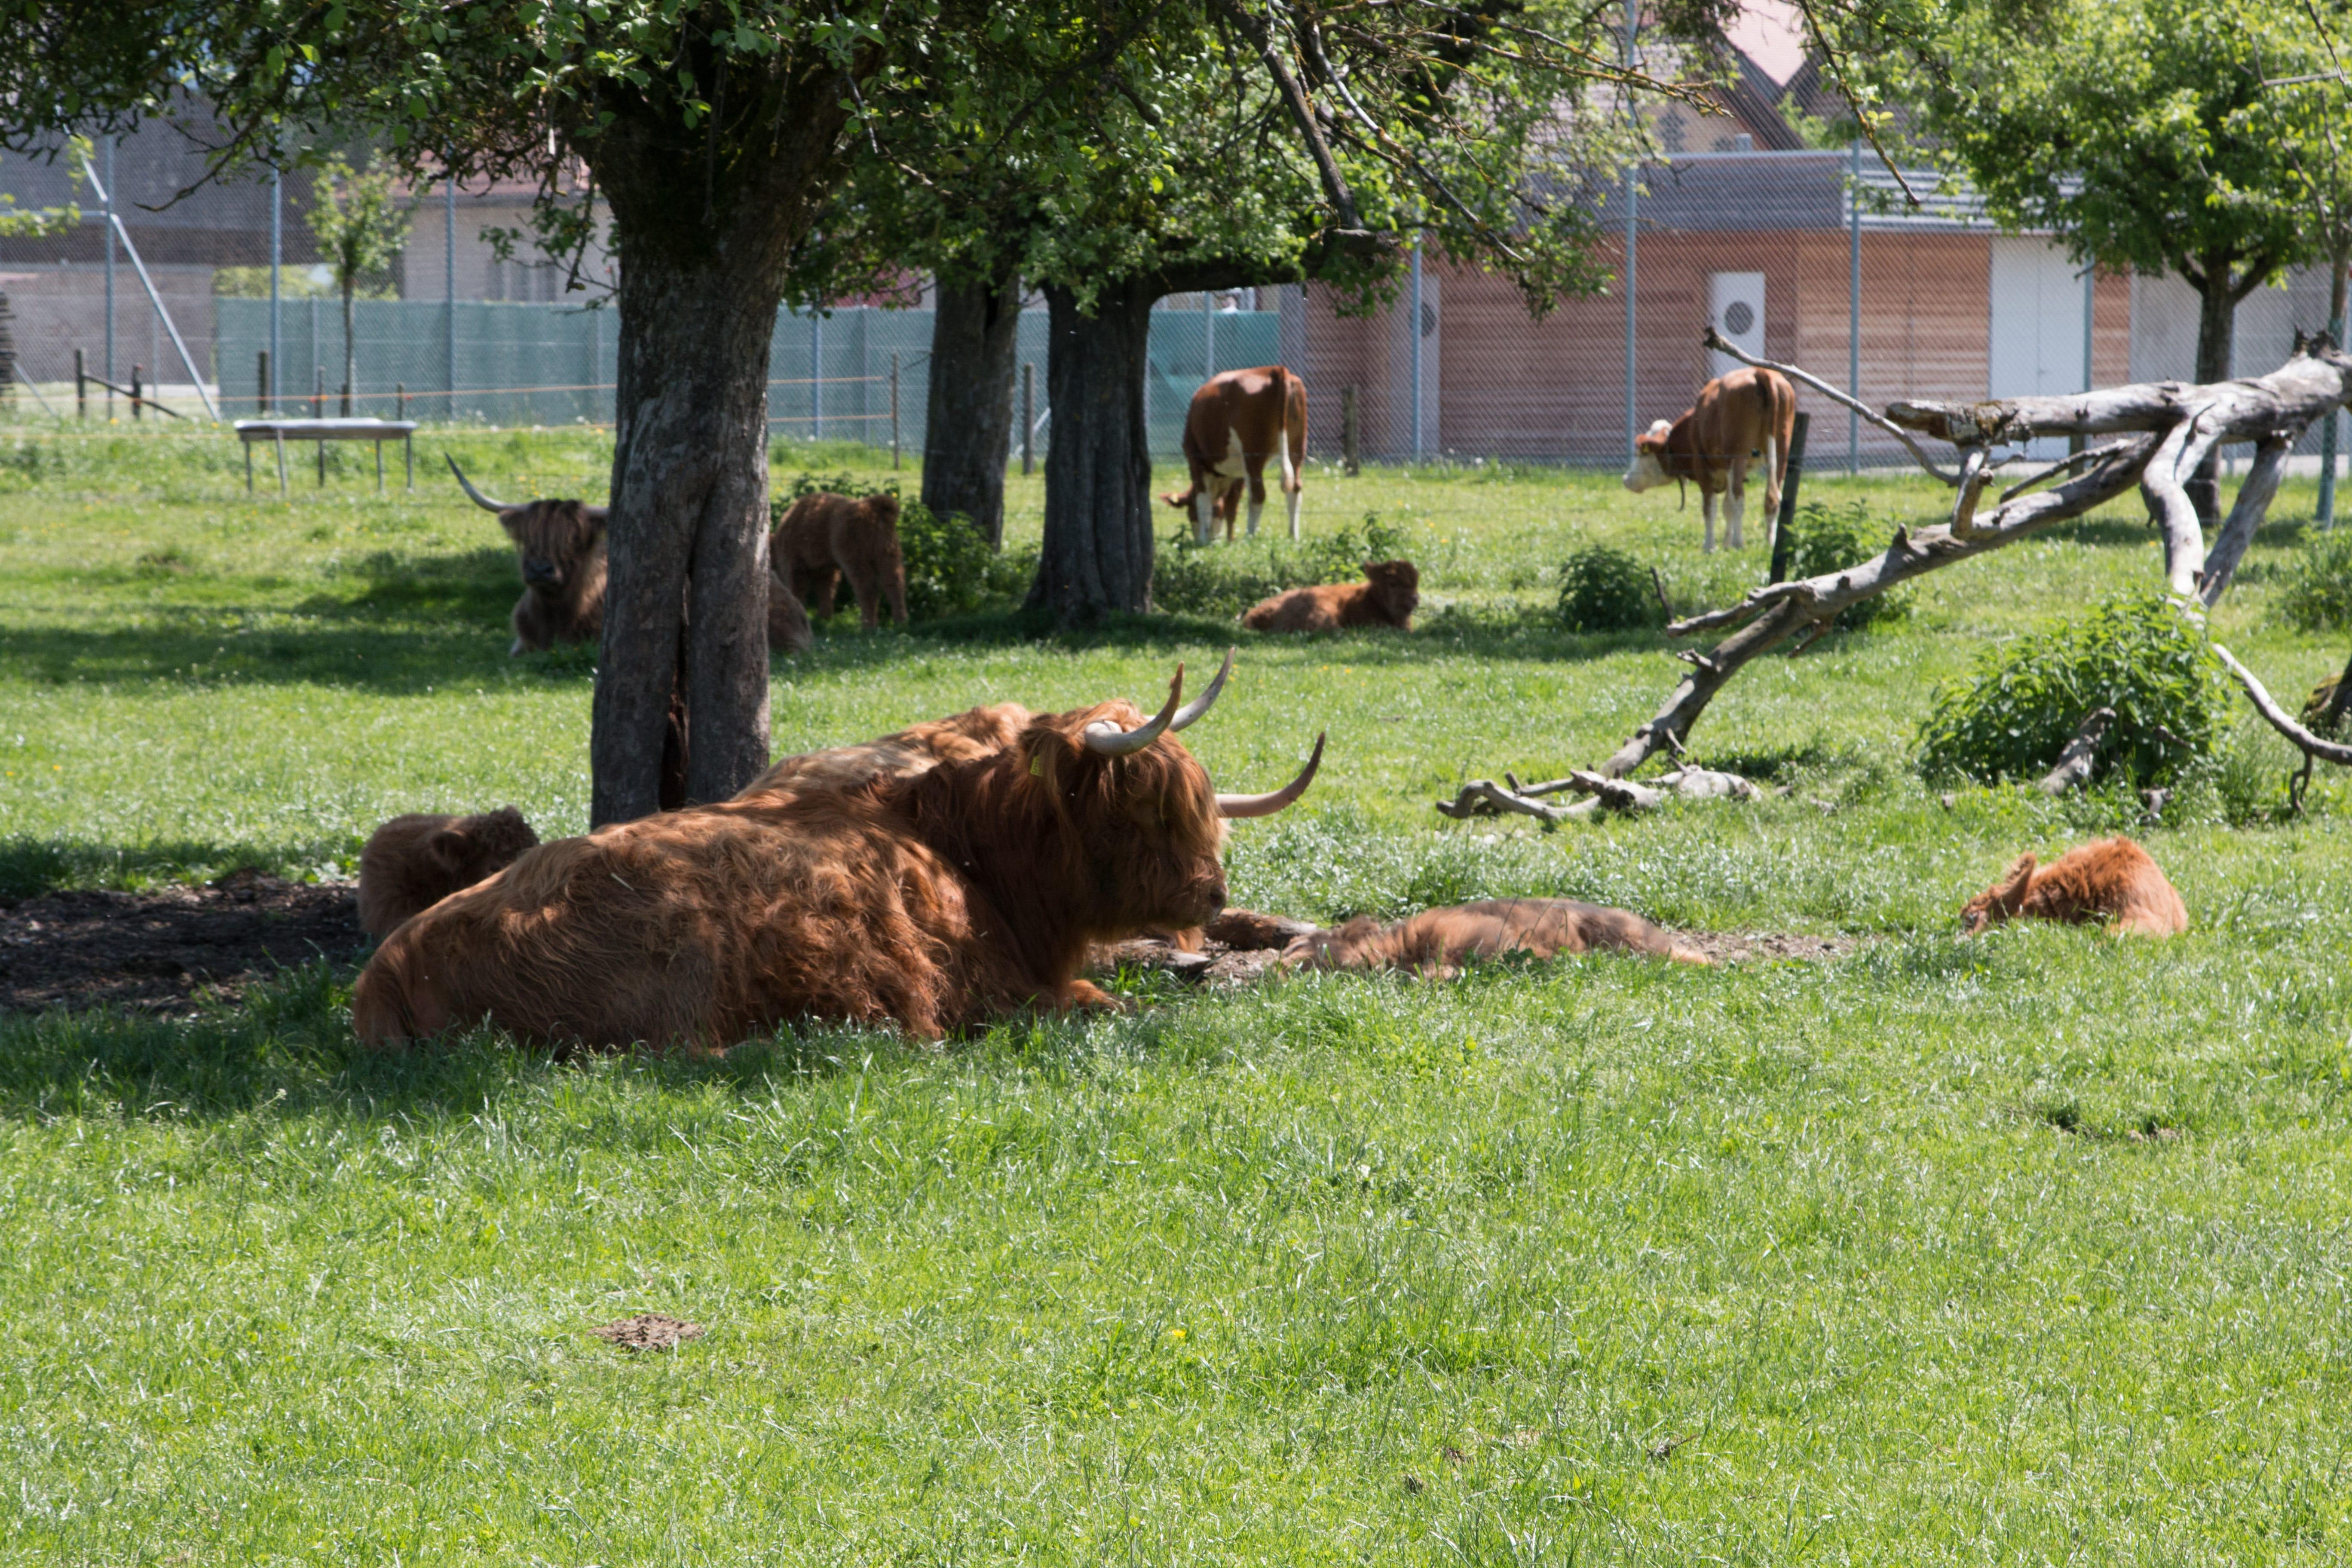 Die Tiere bei der Ruhepause: In der ganzjährigen Freilandhaltung auf der power-farm können soziale Beziehungen gepflegt und ausgelebt werden.